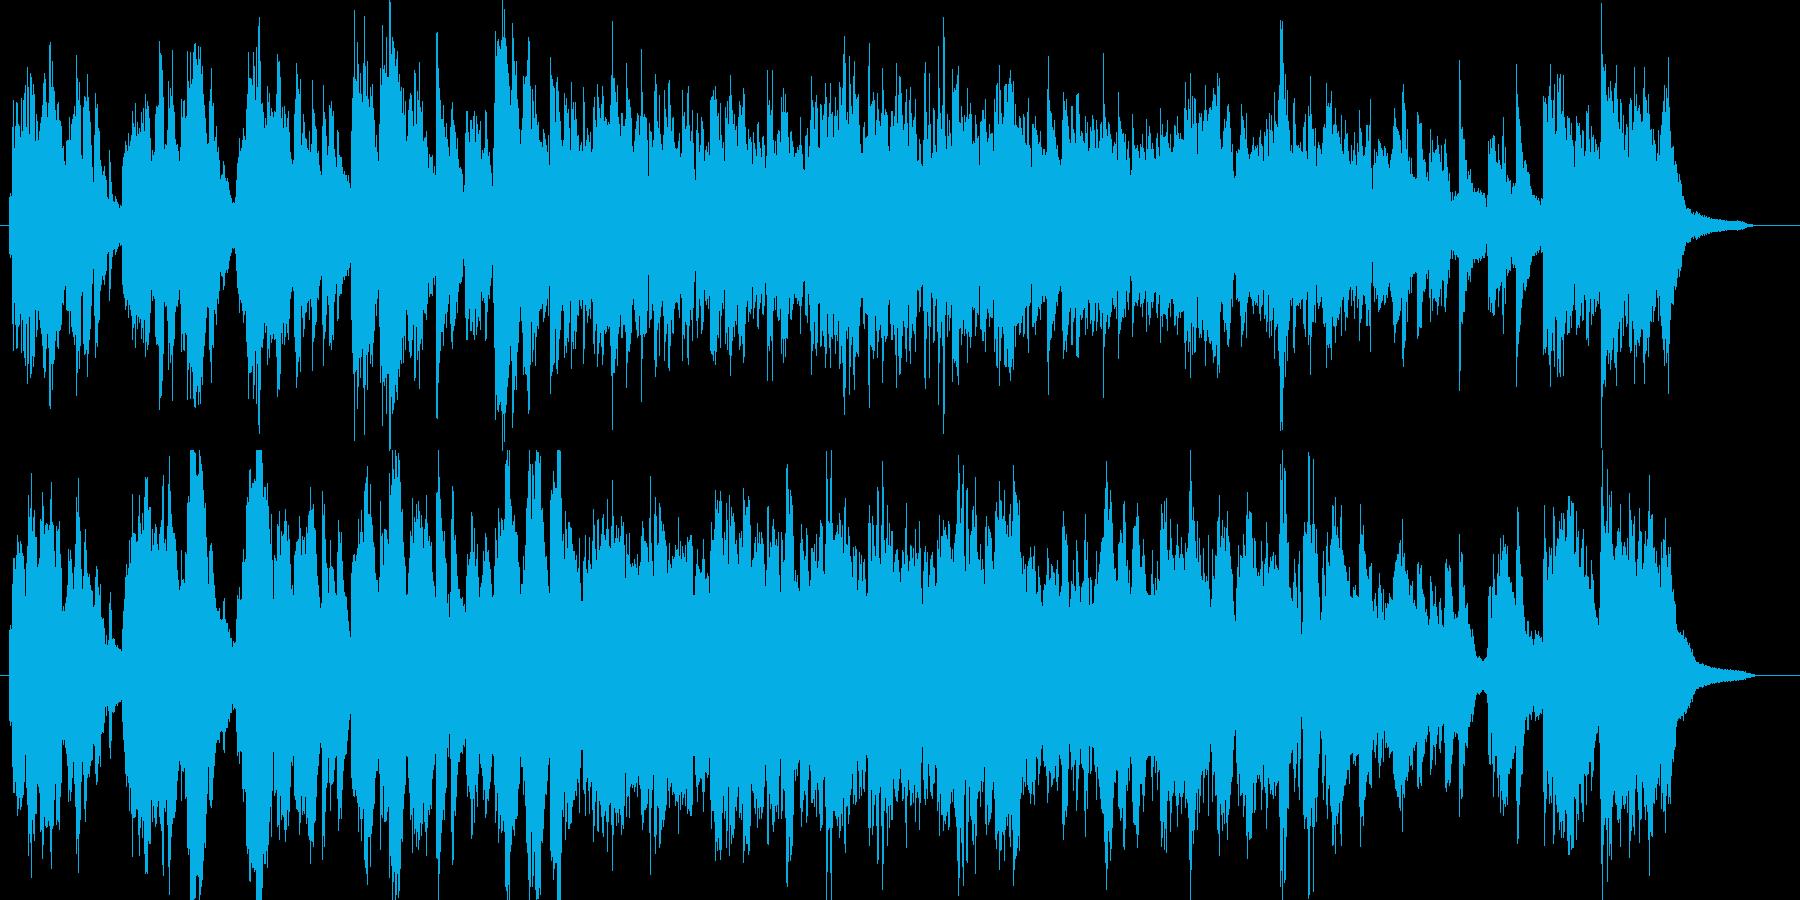 幻想的なピアノメインの楽曲の再生済みの波形